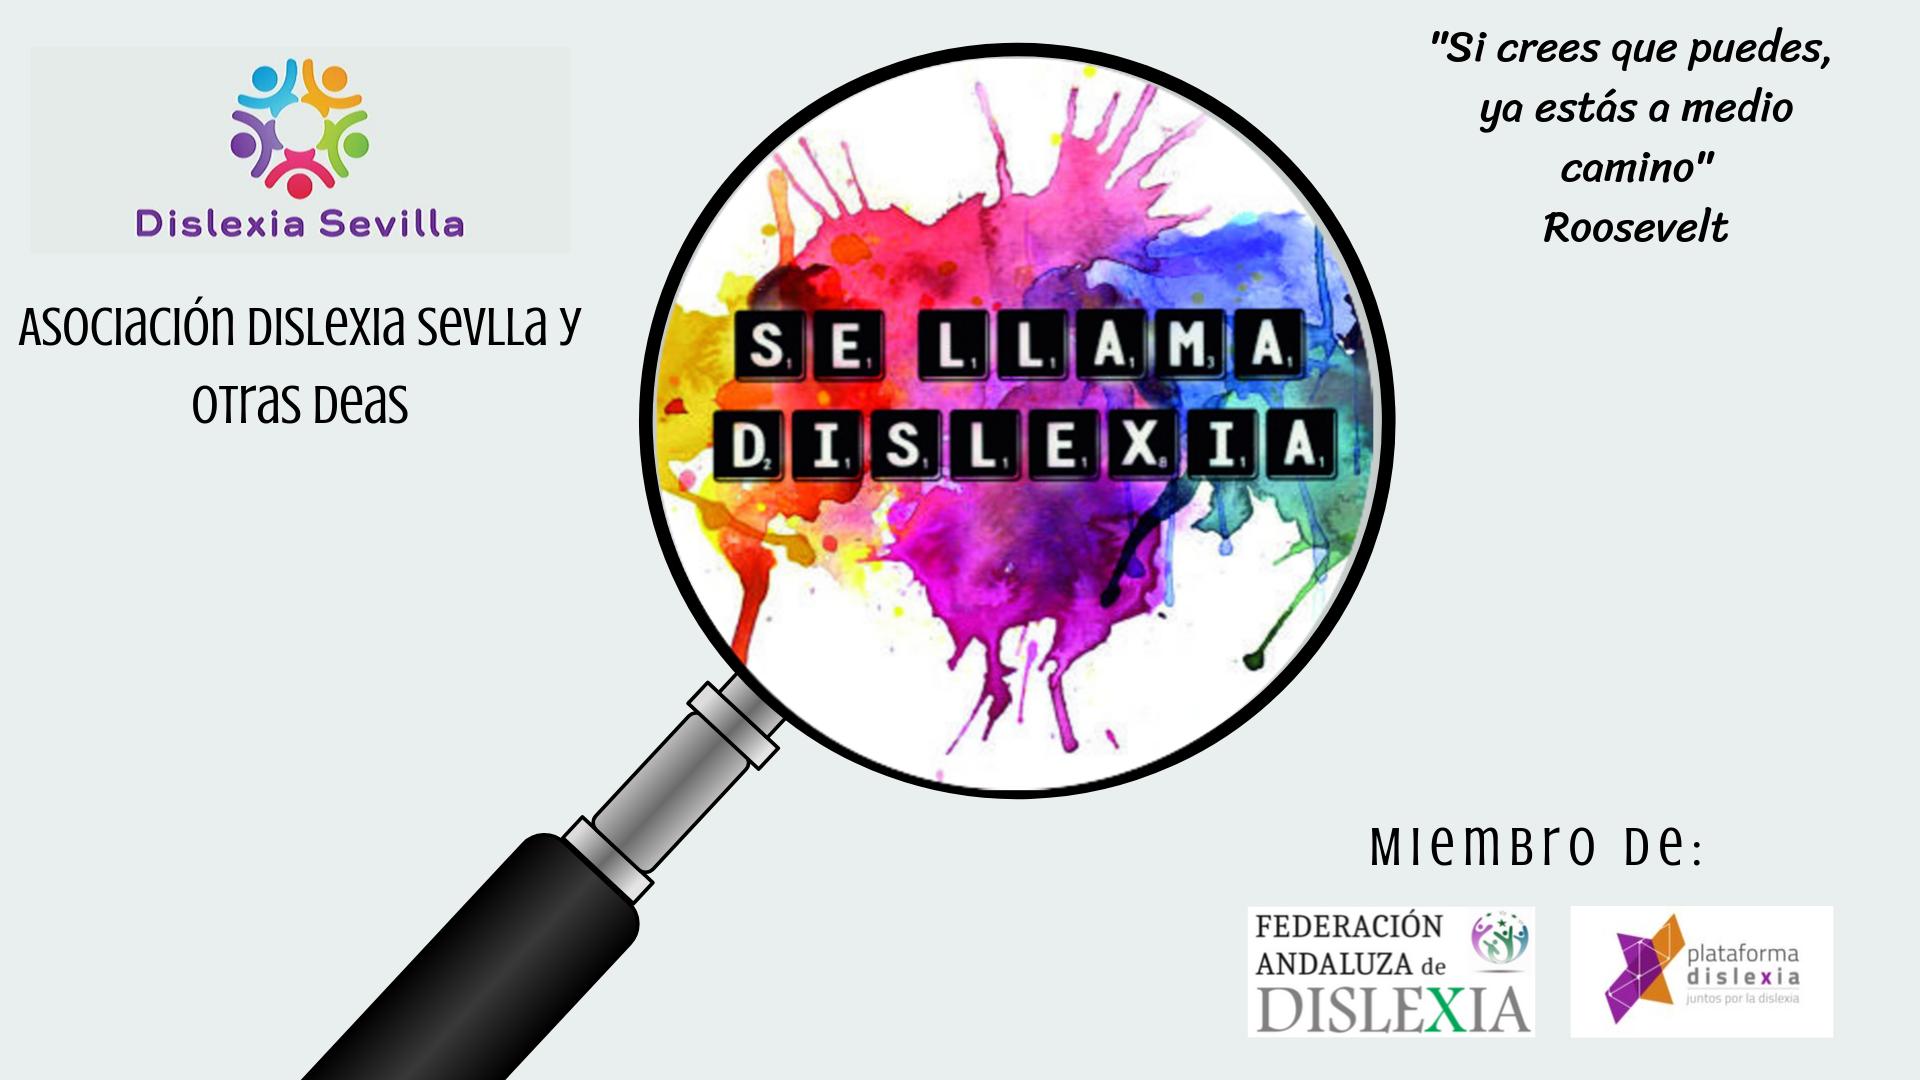 Asociación Dislexia Sevilla